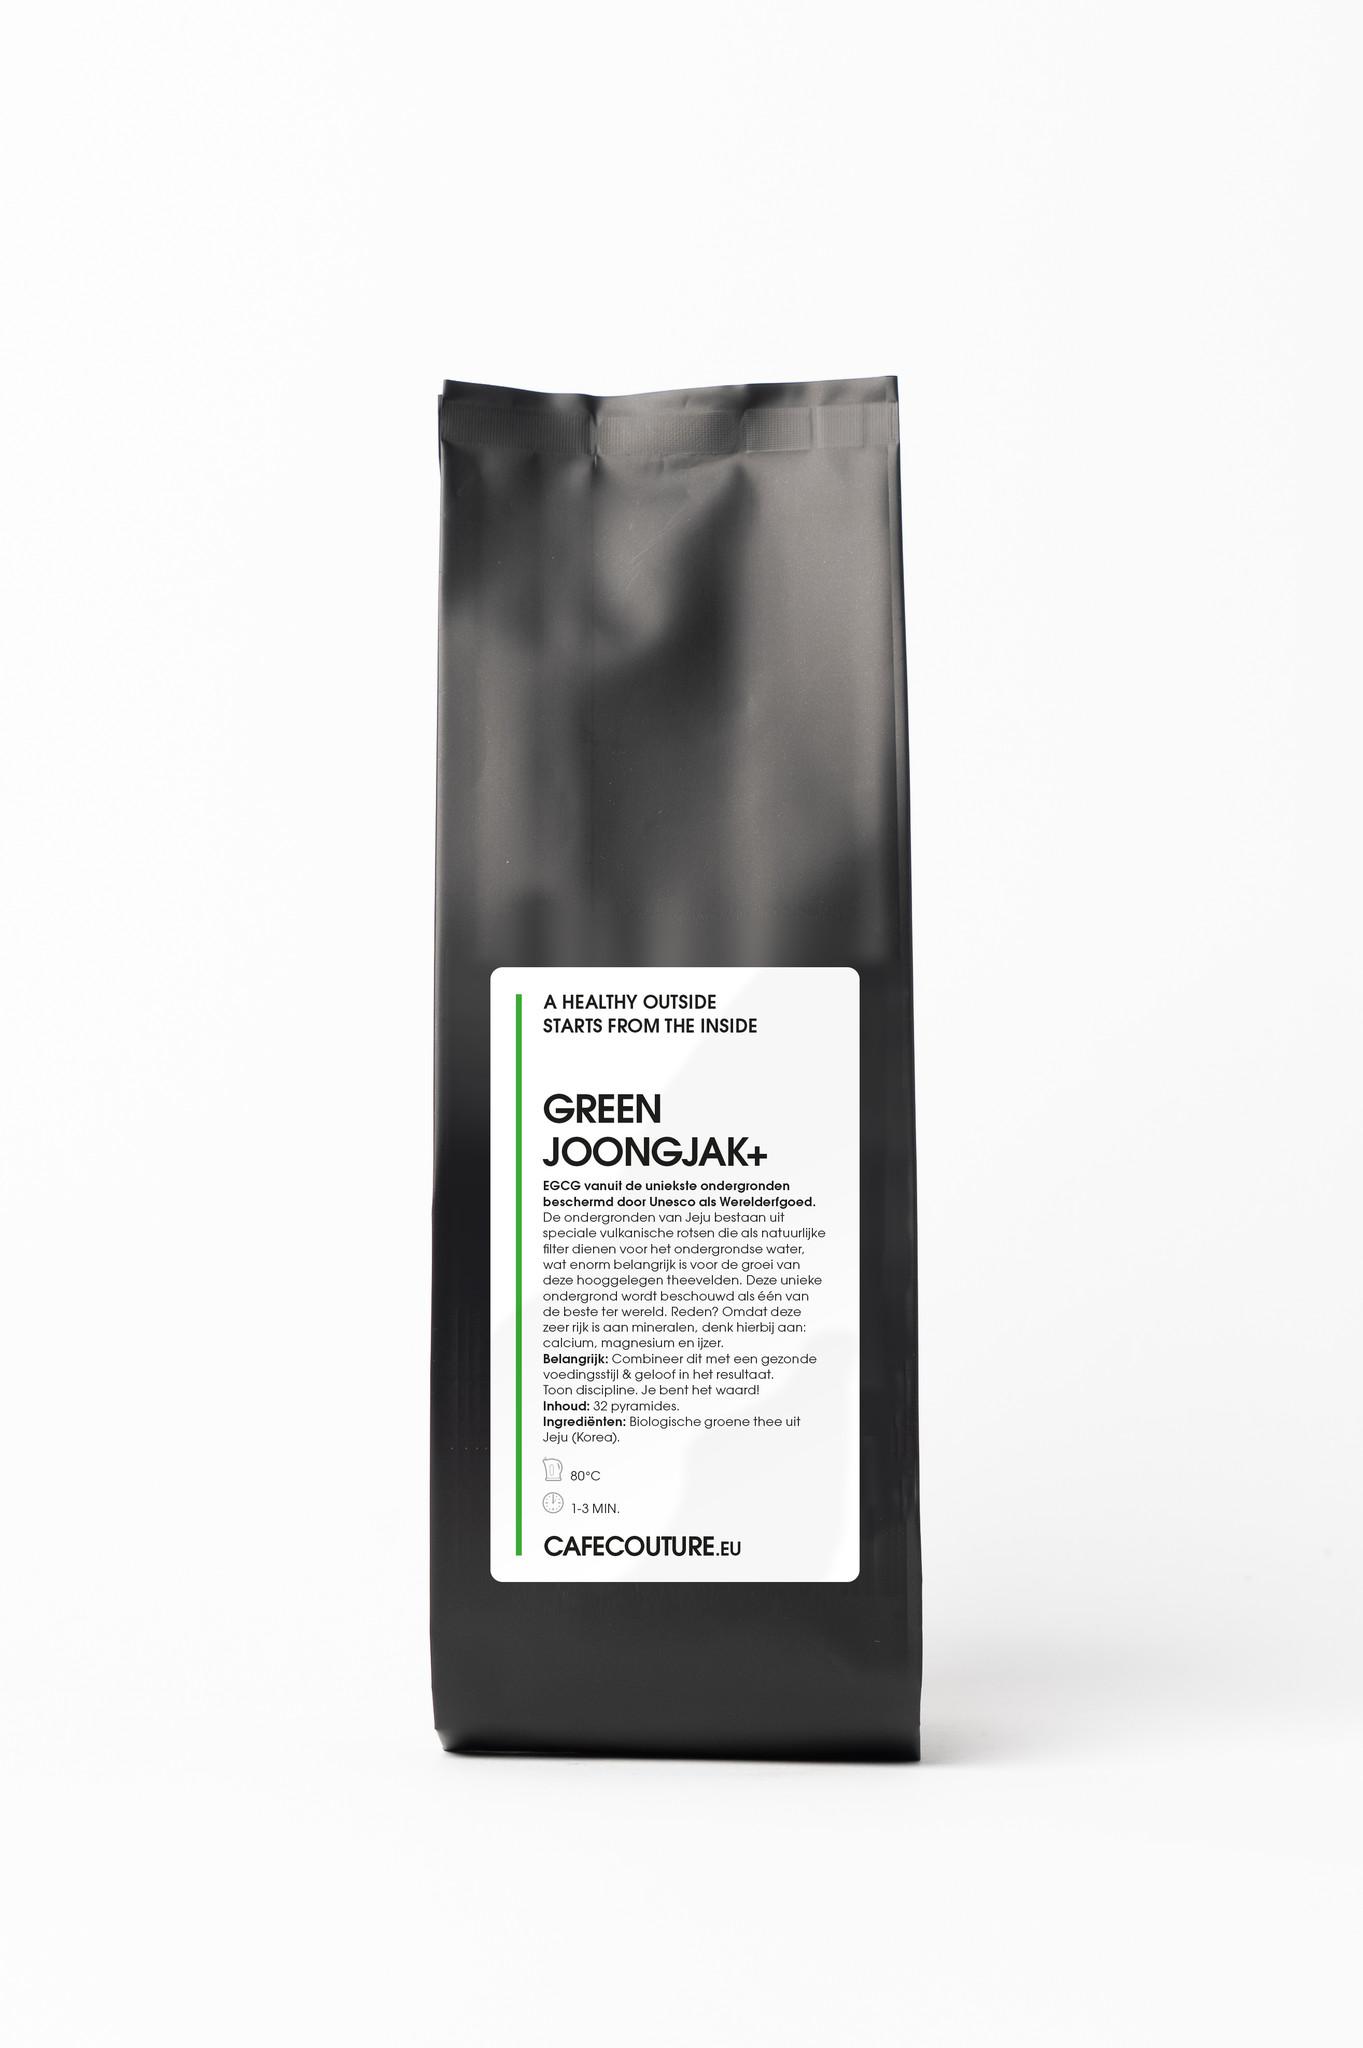 Green Jonngjak+ - pyramids